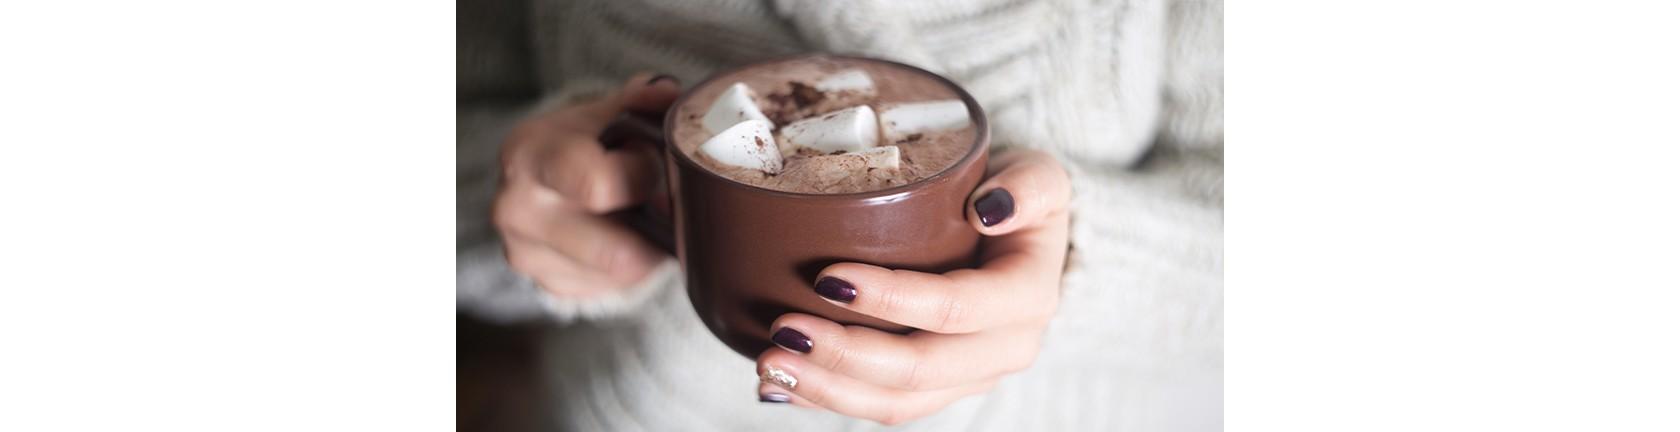 Weibliche Hand hält eine große Tasse Kakao mit Marshmallows.